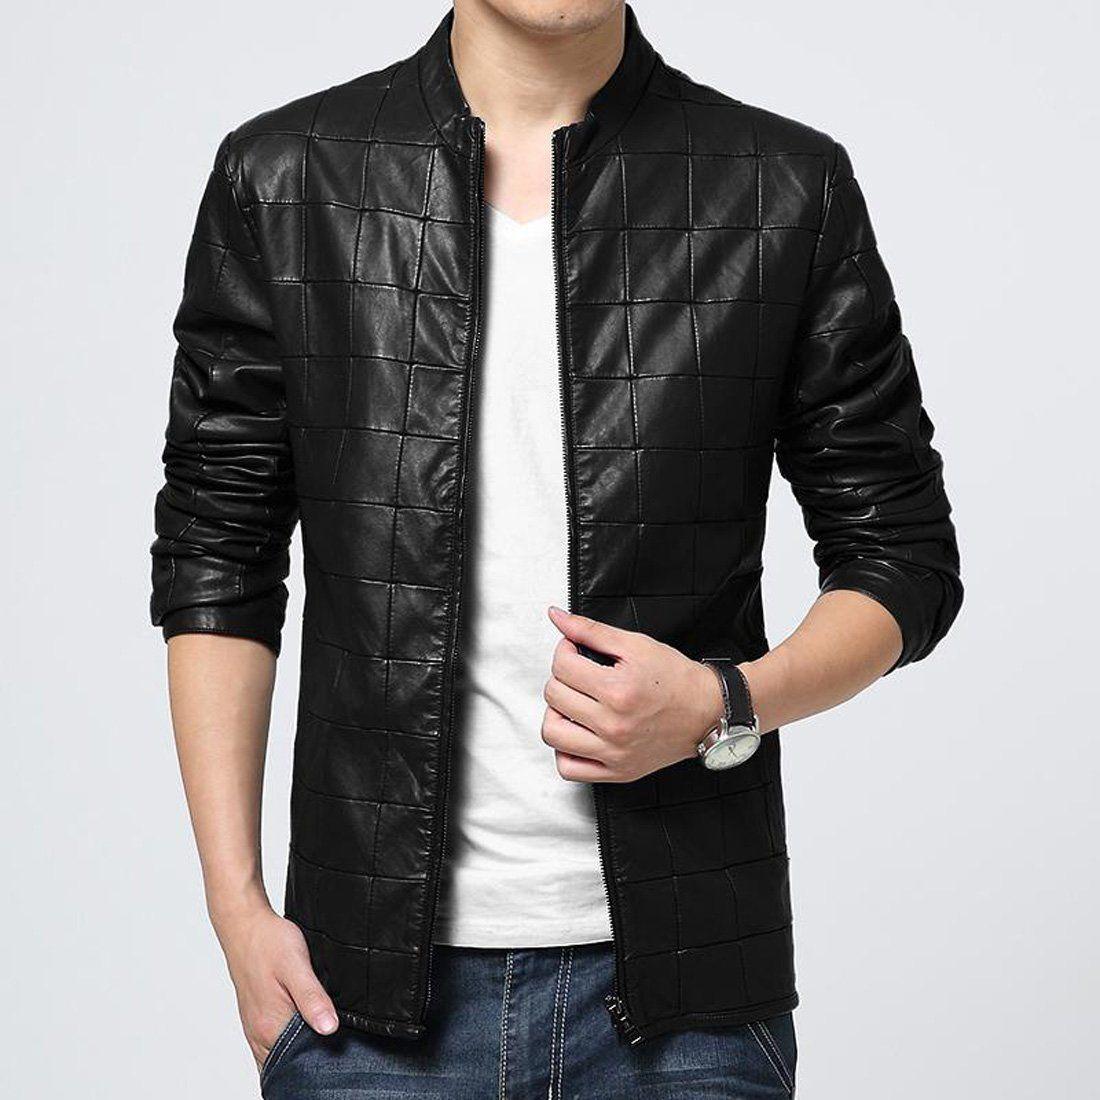 Men's Jacket PU Leather Plus Size Plaid for Autumn Men's